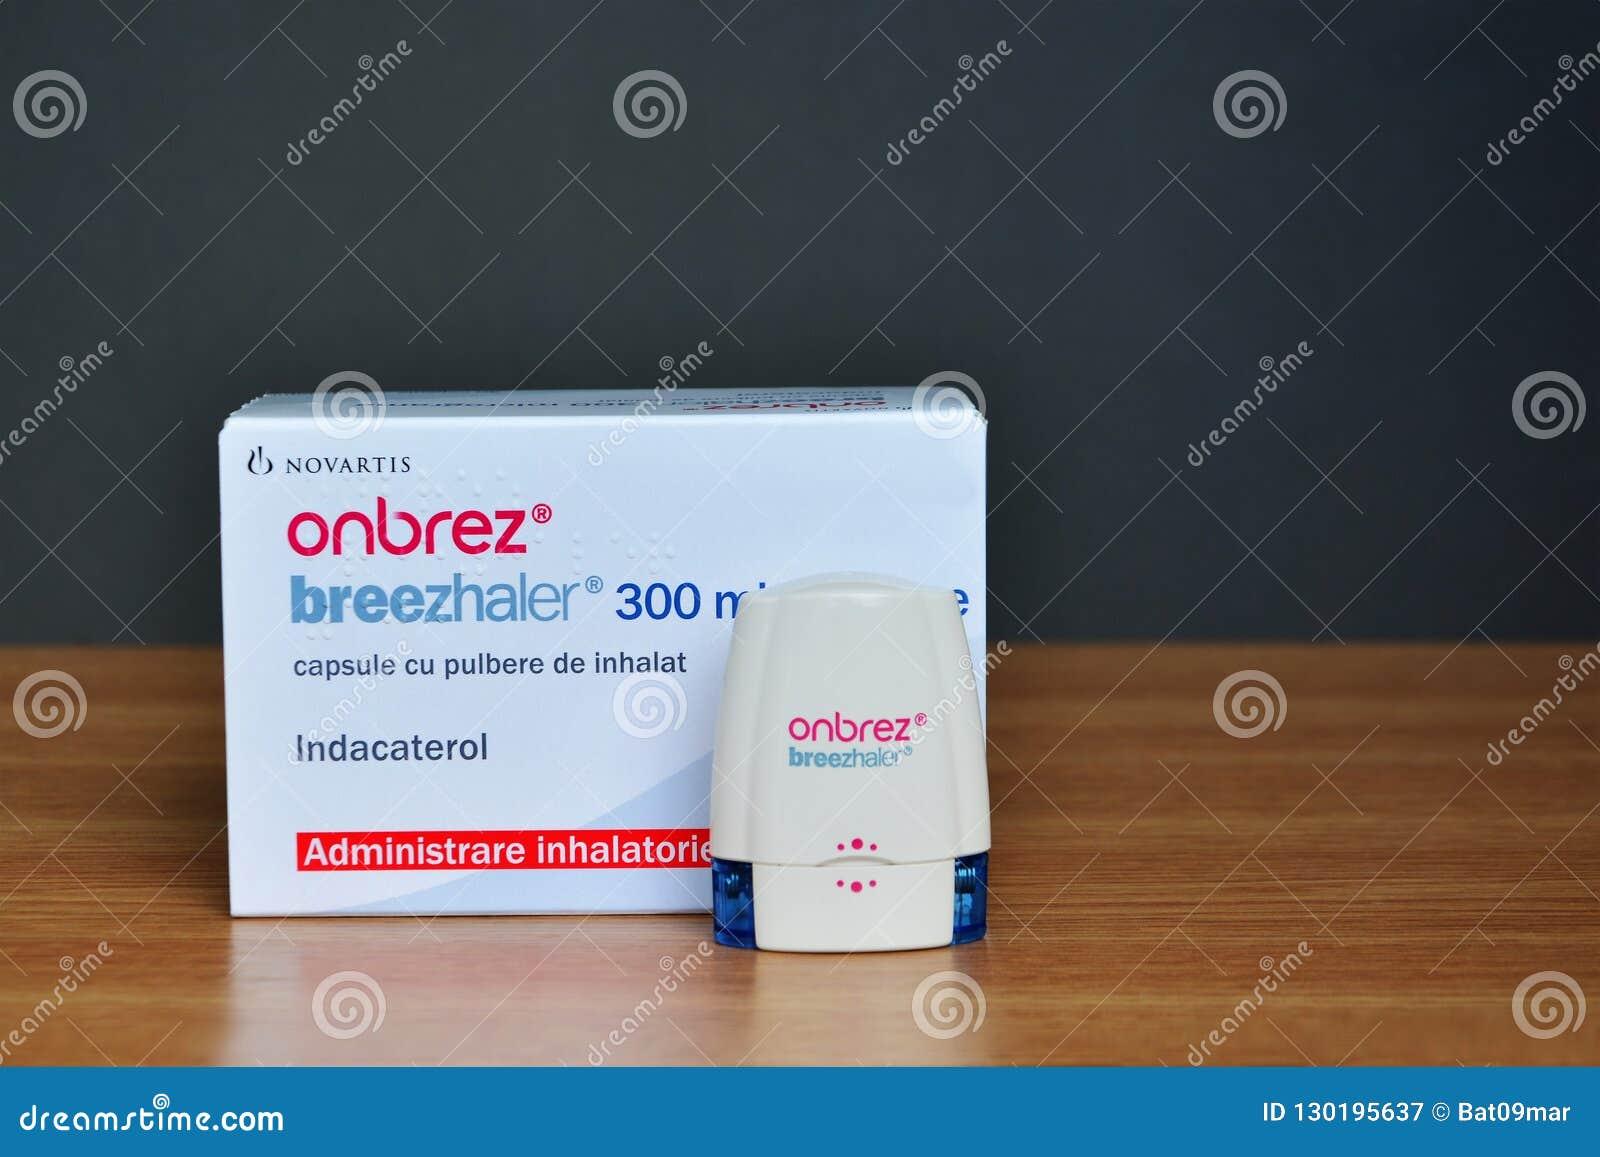 Inhalatorgerät Onbrez Breezhaler, Indacaterol Und Kasten ...